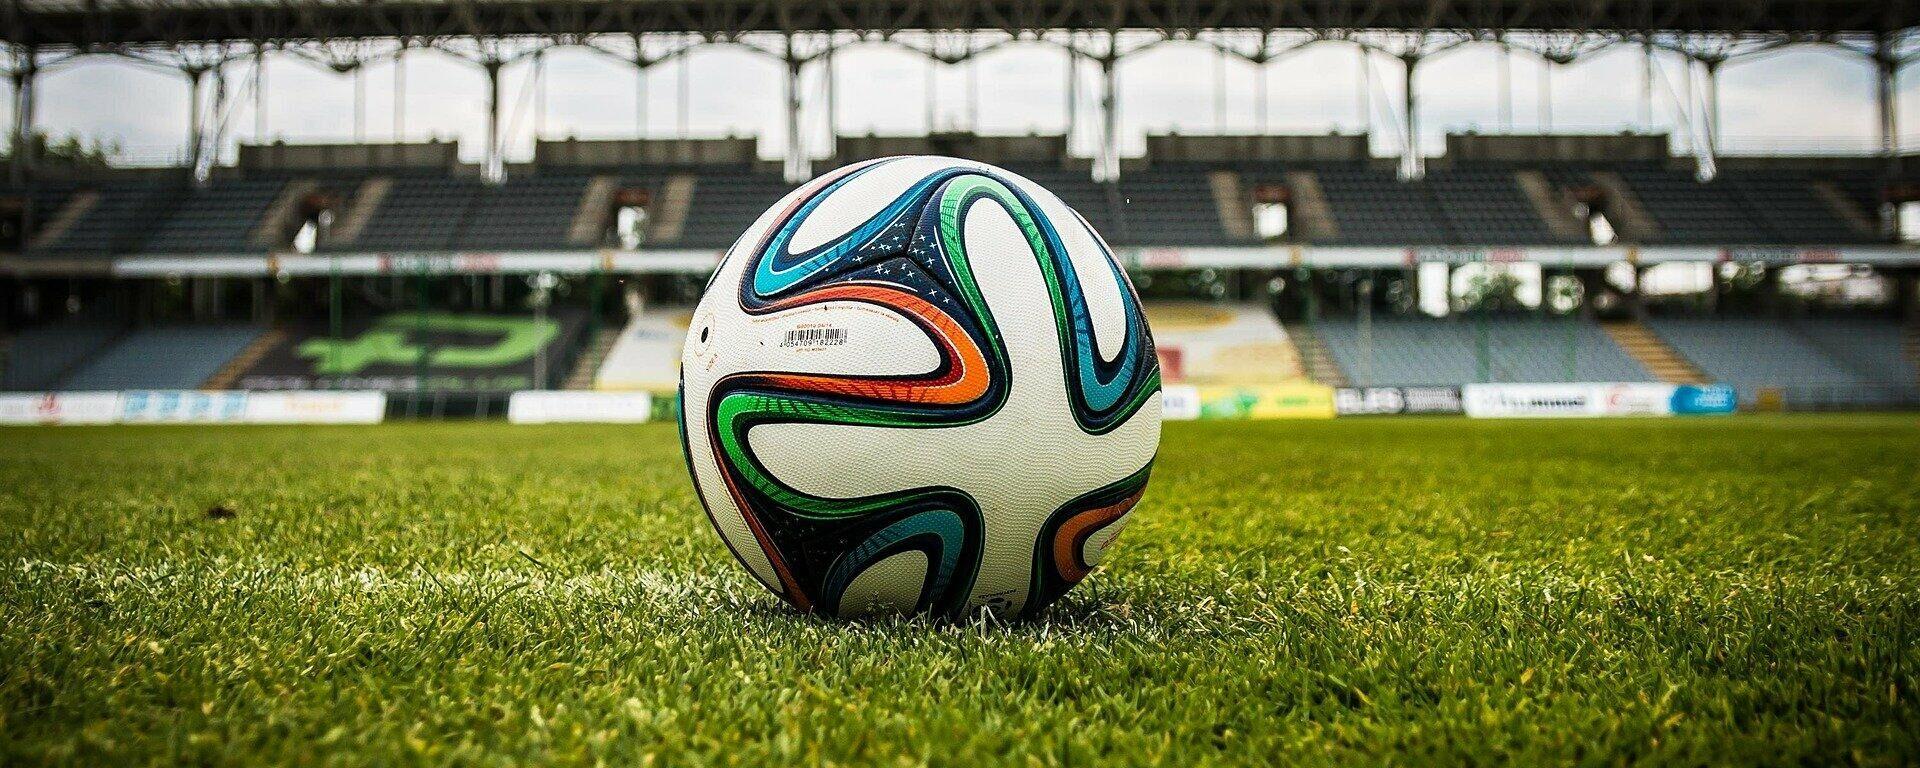 Fußball (Symbolbild) - SNA, 1920, 09.07.2021